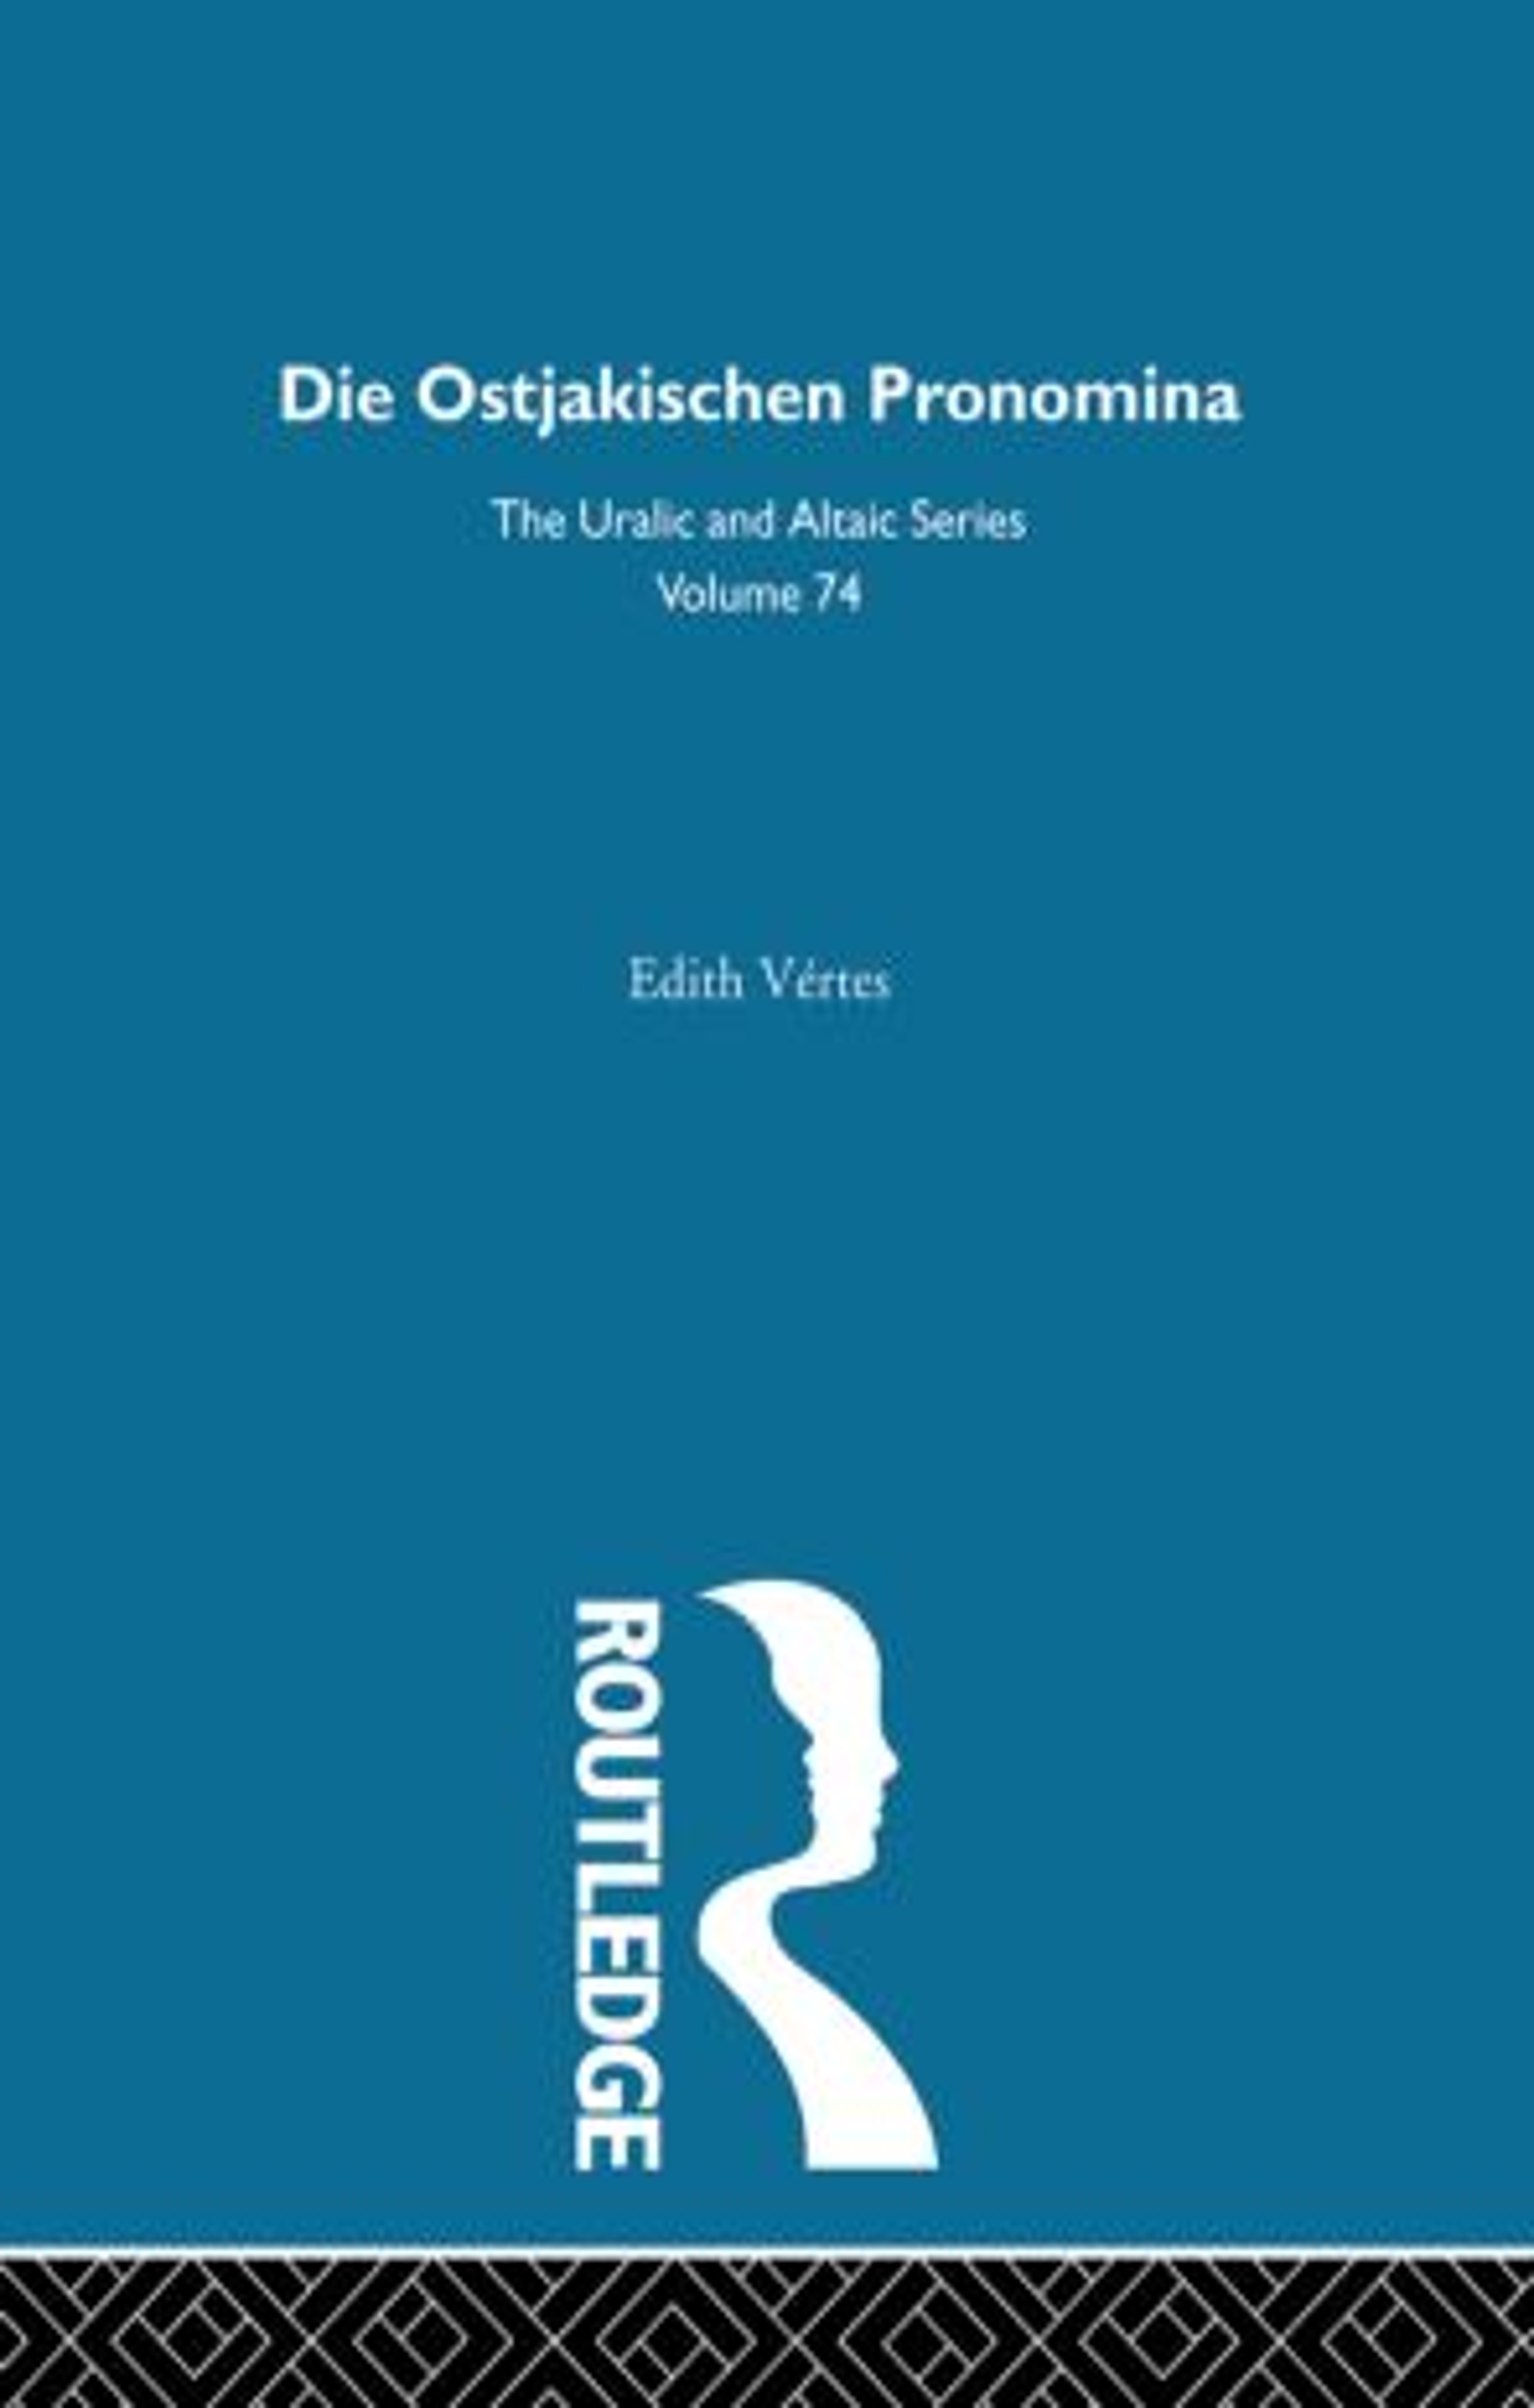 Die Ostjakischen Pronomina